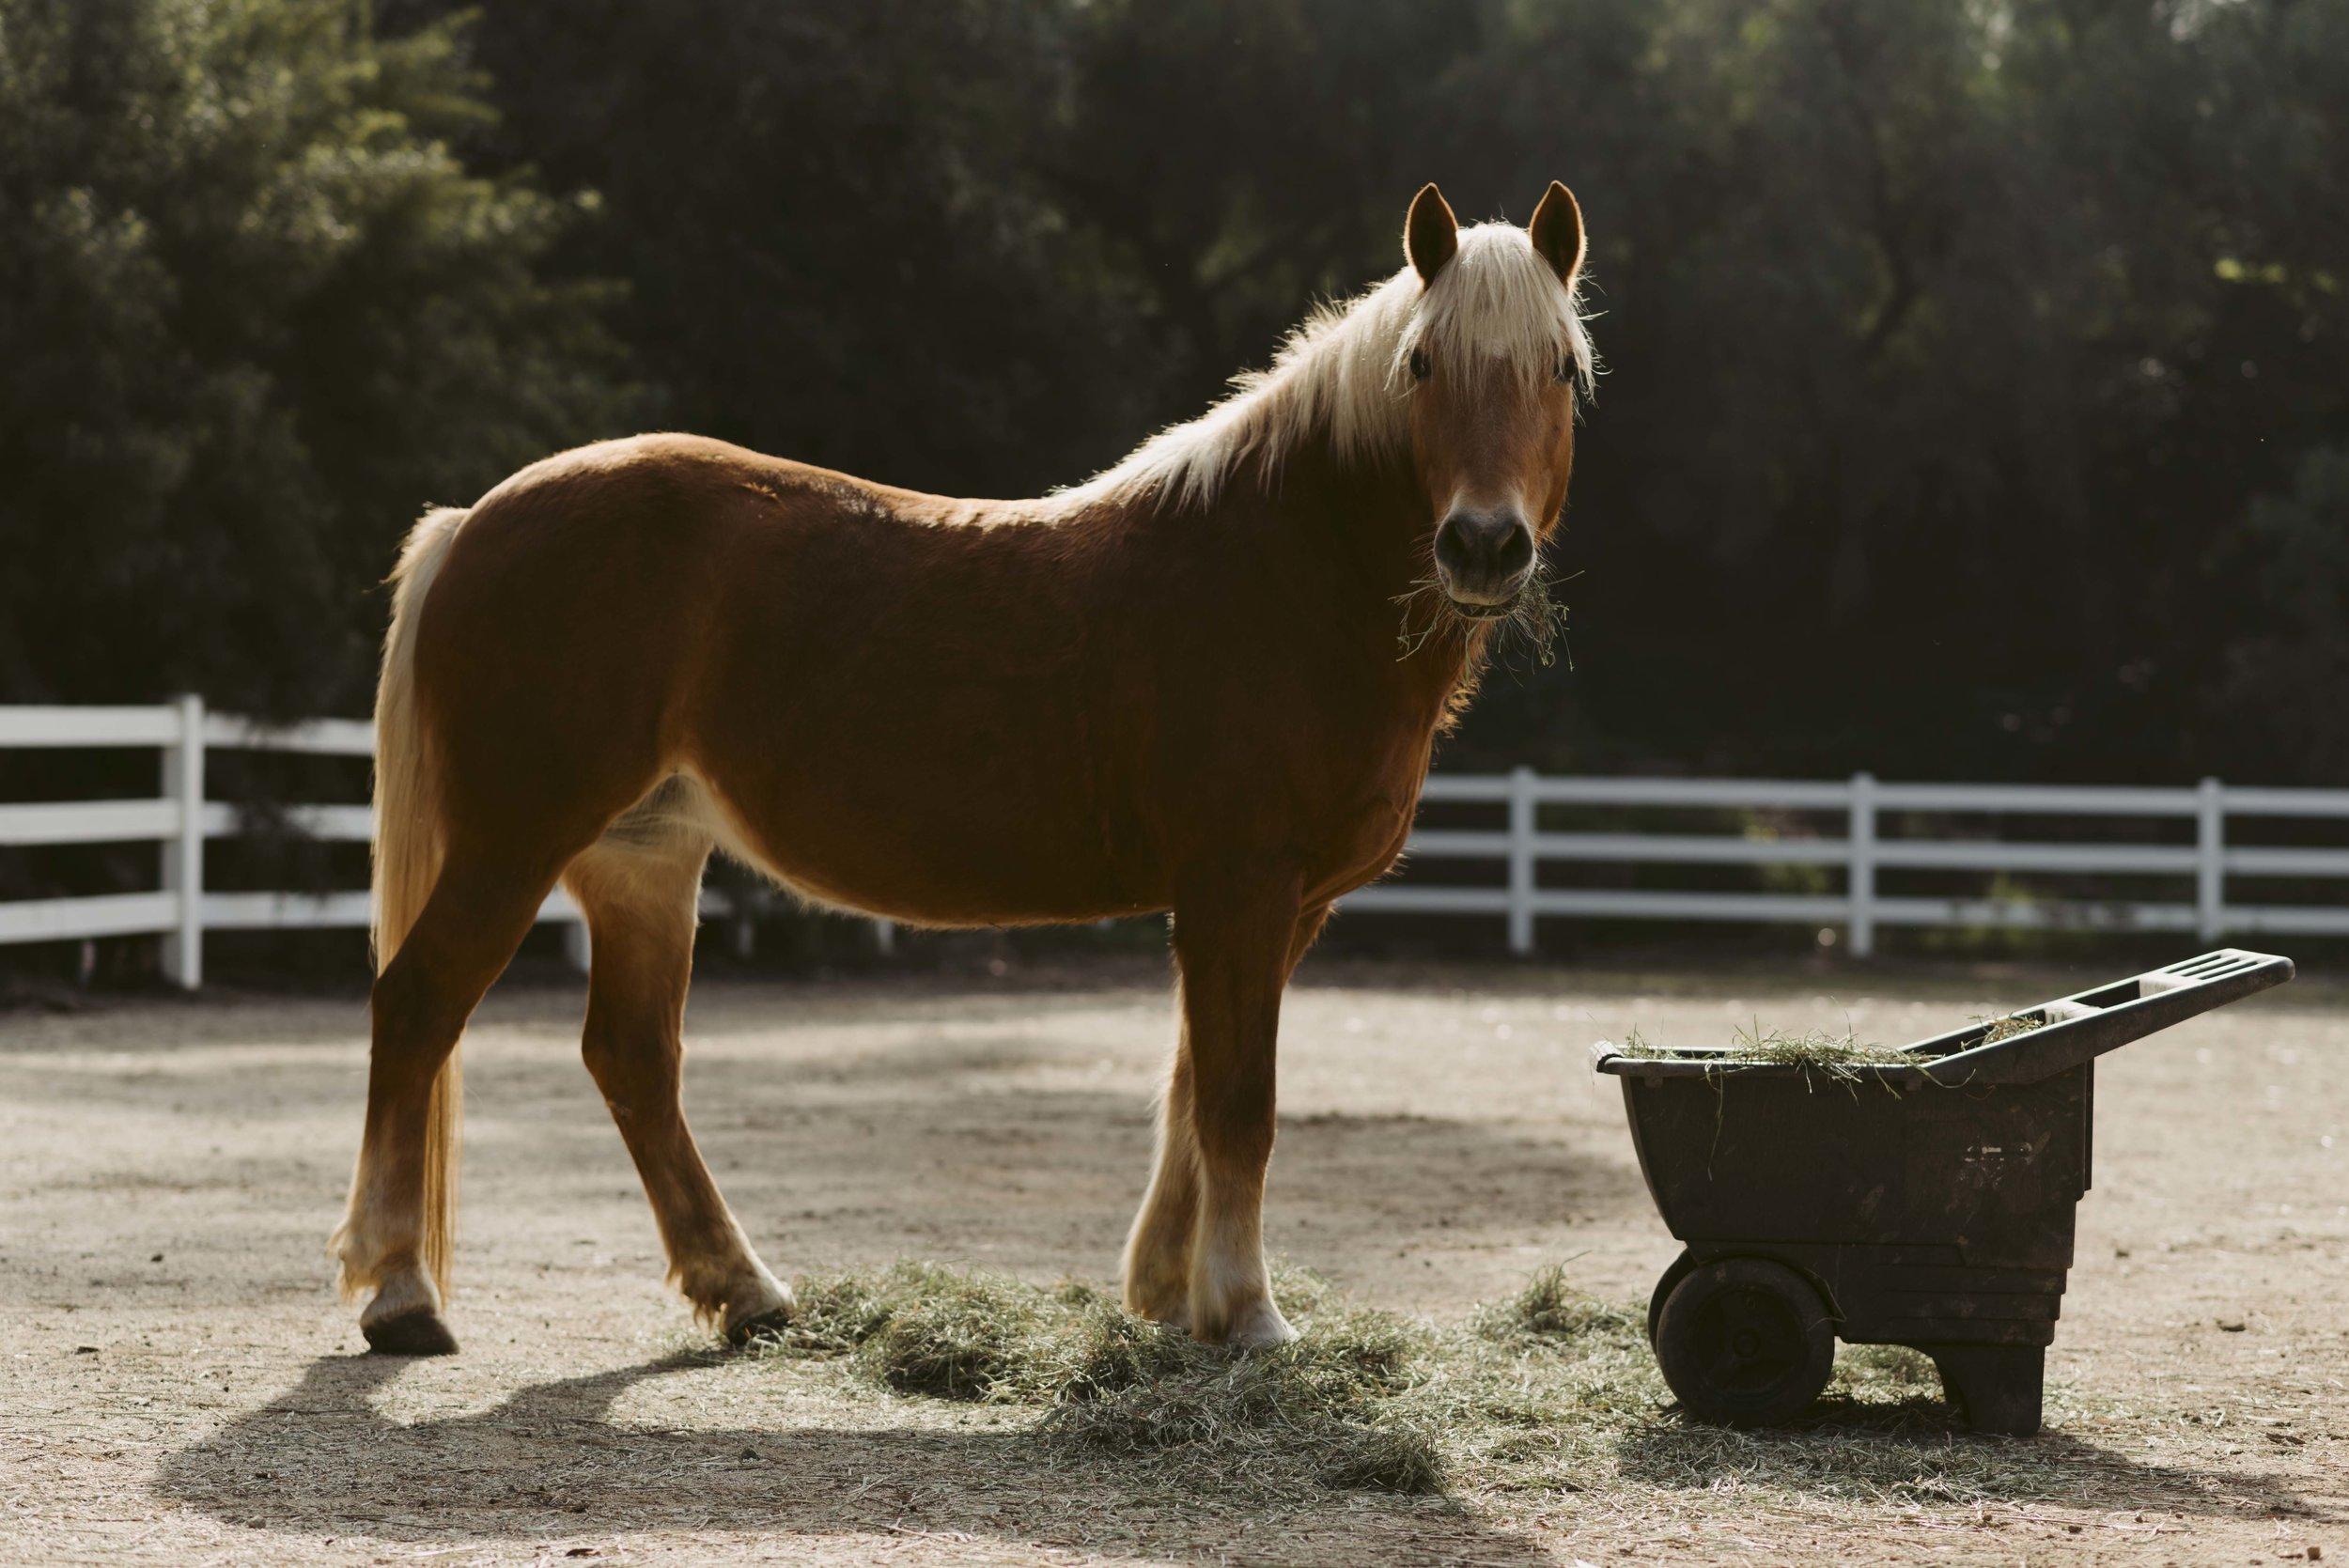 Margo-Kays-Horse-WEB-01.jpg